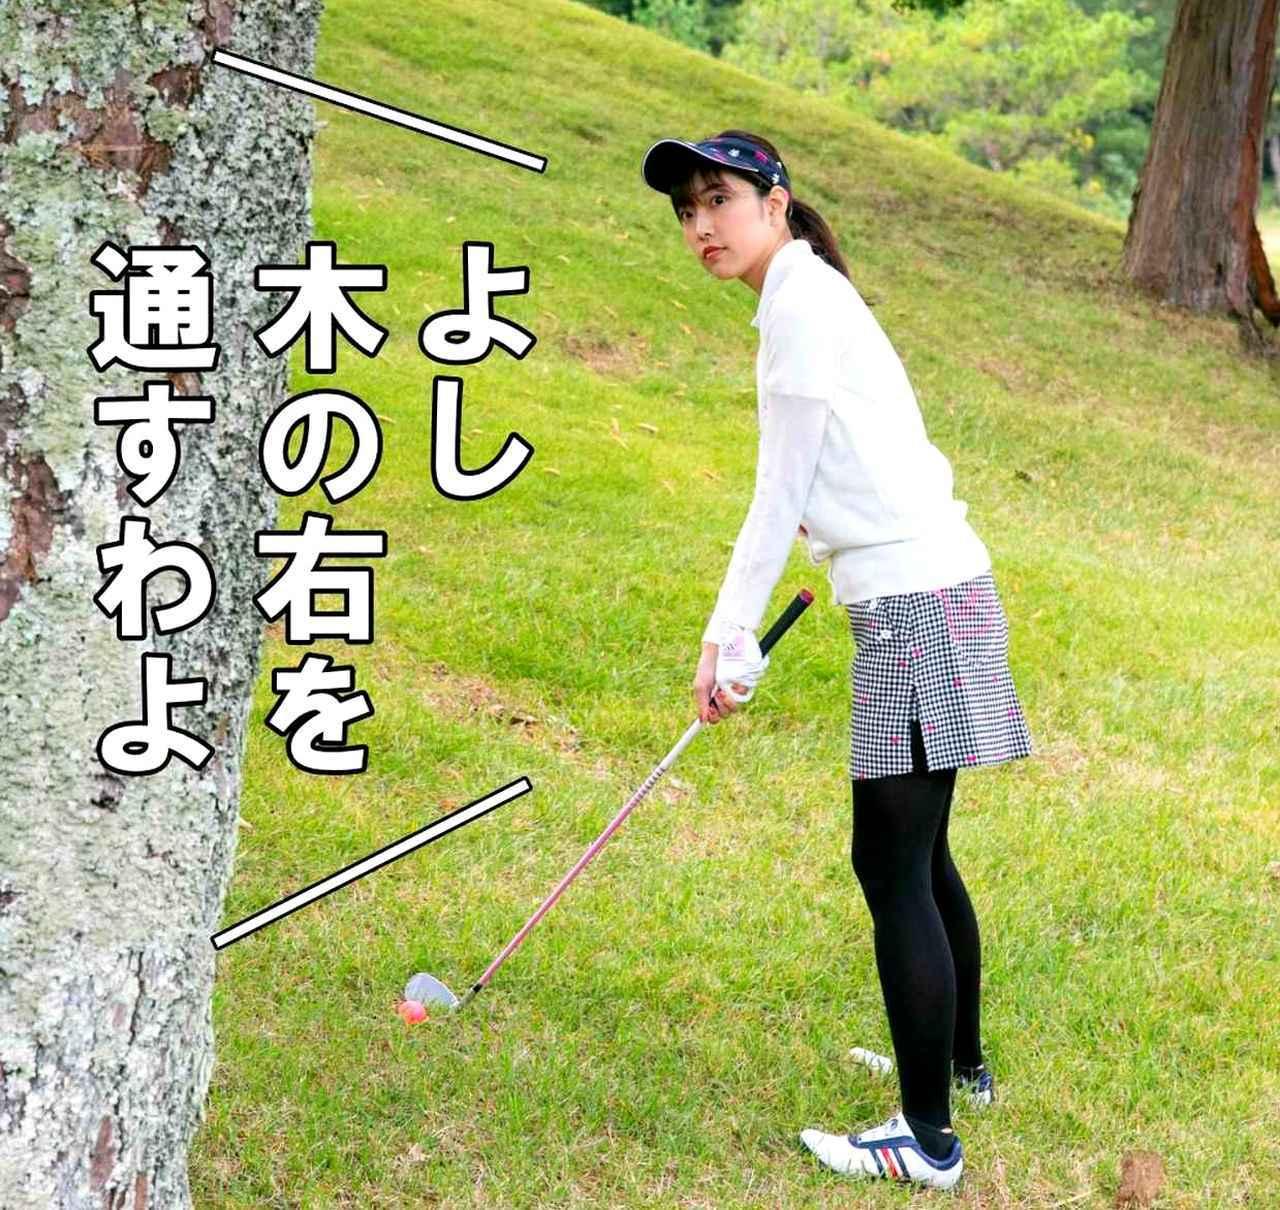 画像1: 【ルール】2度打ちした球が体にも当たった! これって何打罰になる?